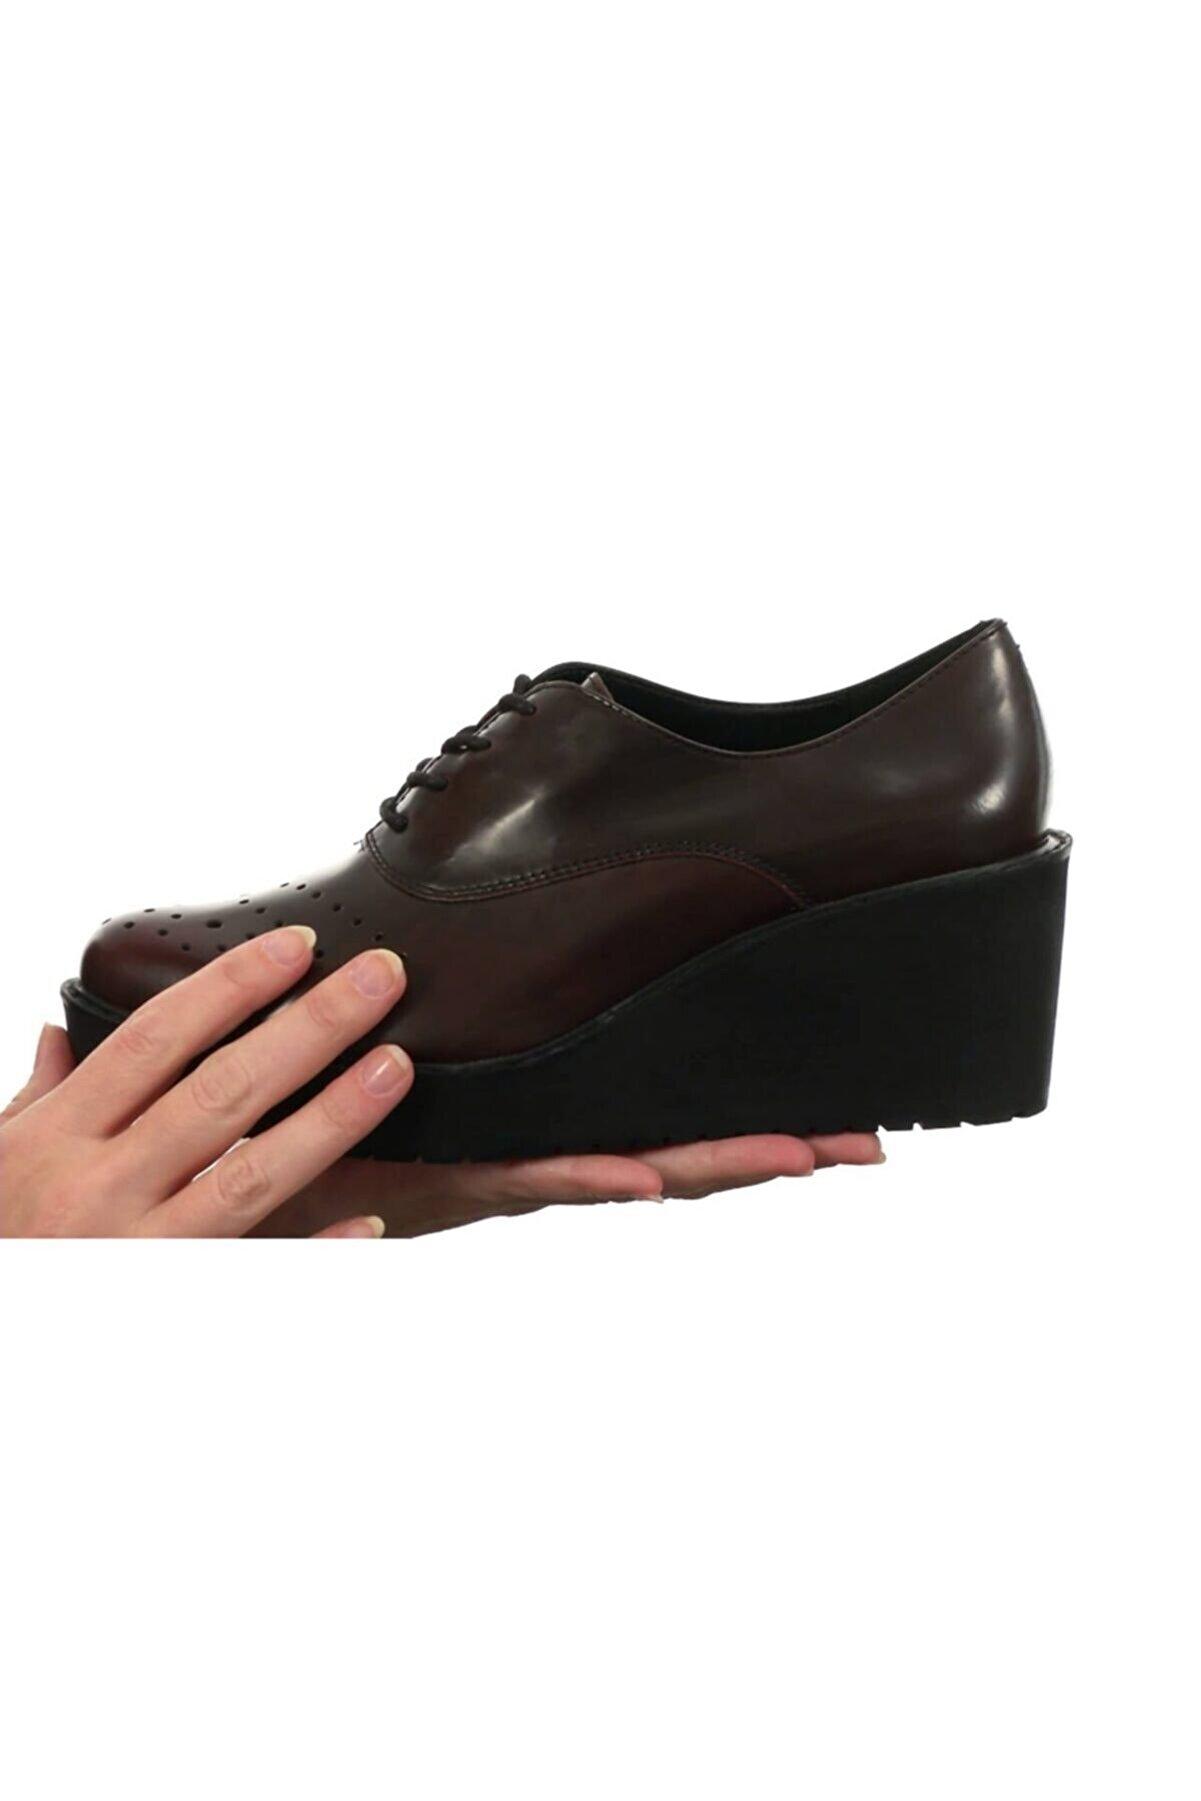 CLARKS Kadın Bordo Deri Ortopedik Ayakkabı Topuk 7 Cm Comfort Game Oval